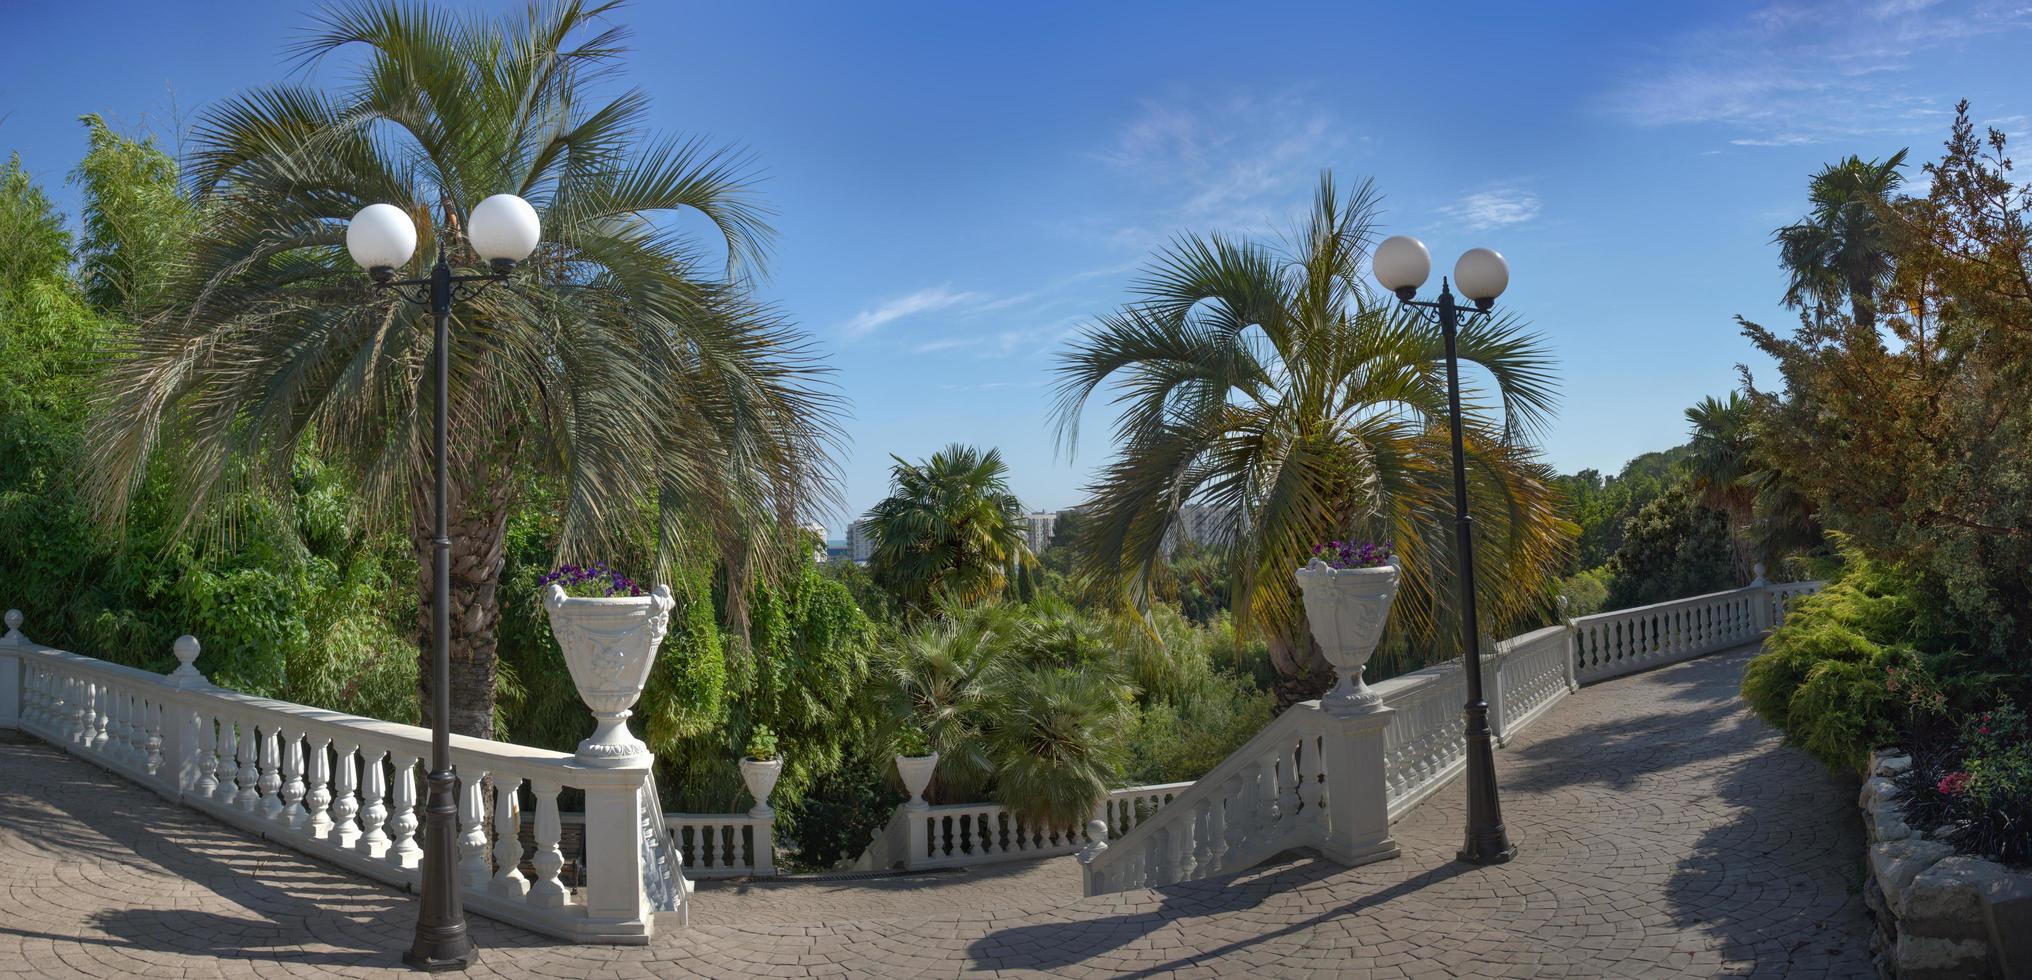 panorama du parc des cultures du sud à sochi photo